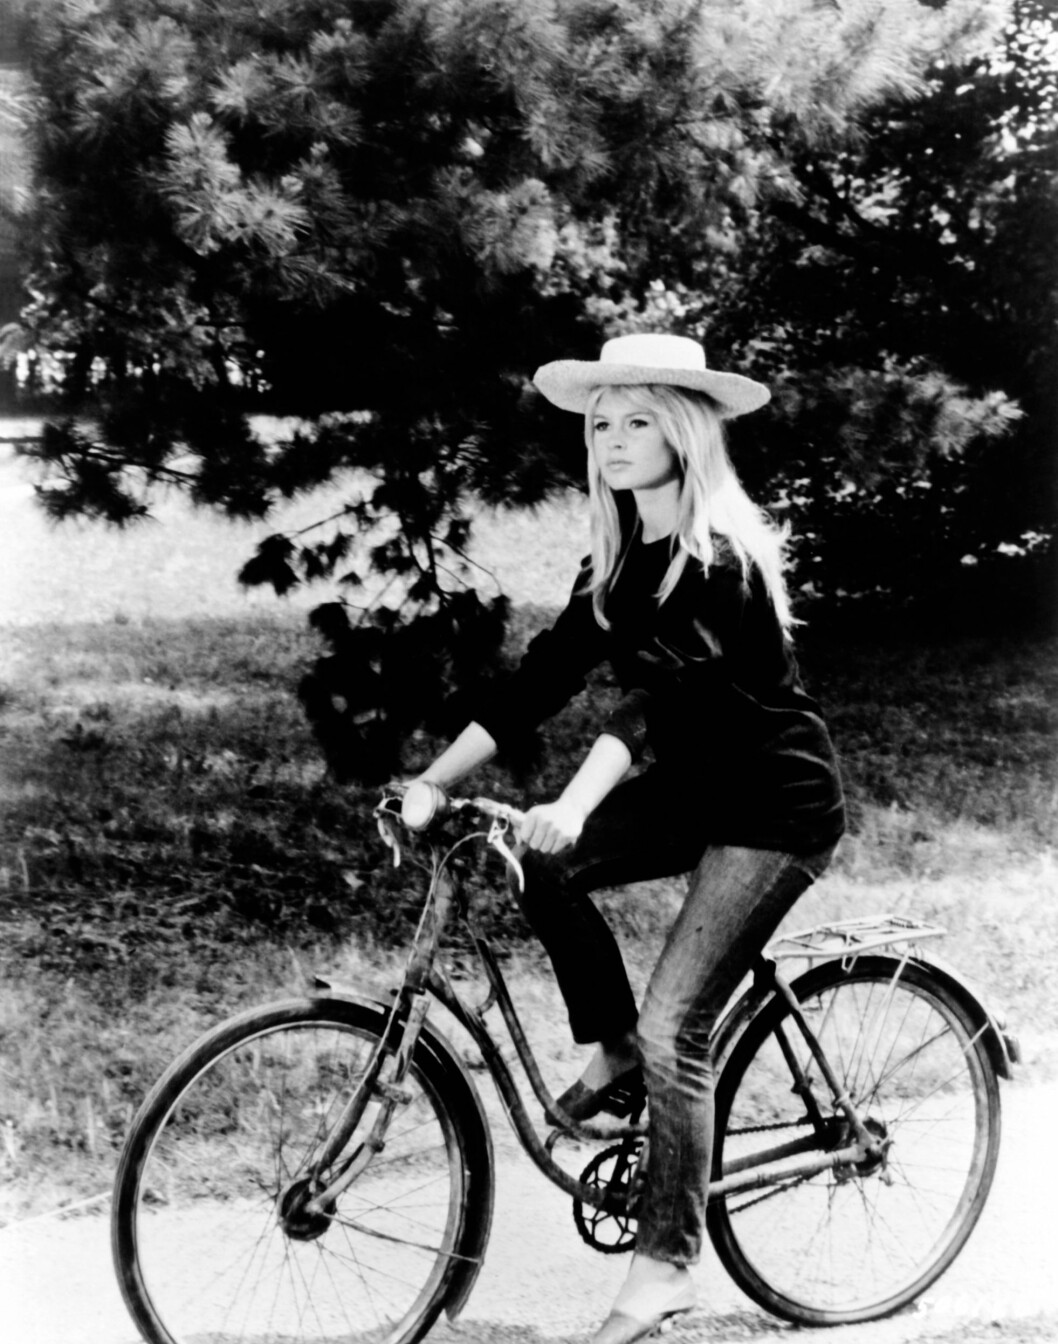 brigitte bardot på cykel i hatt.